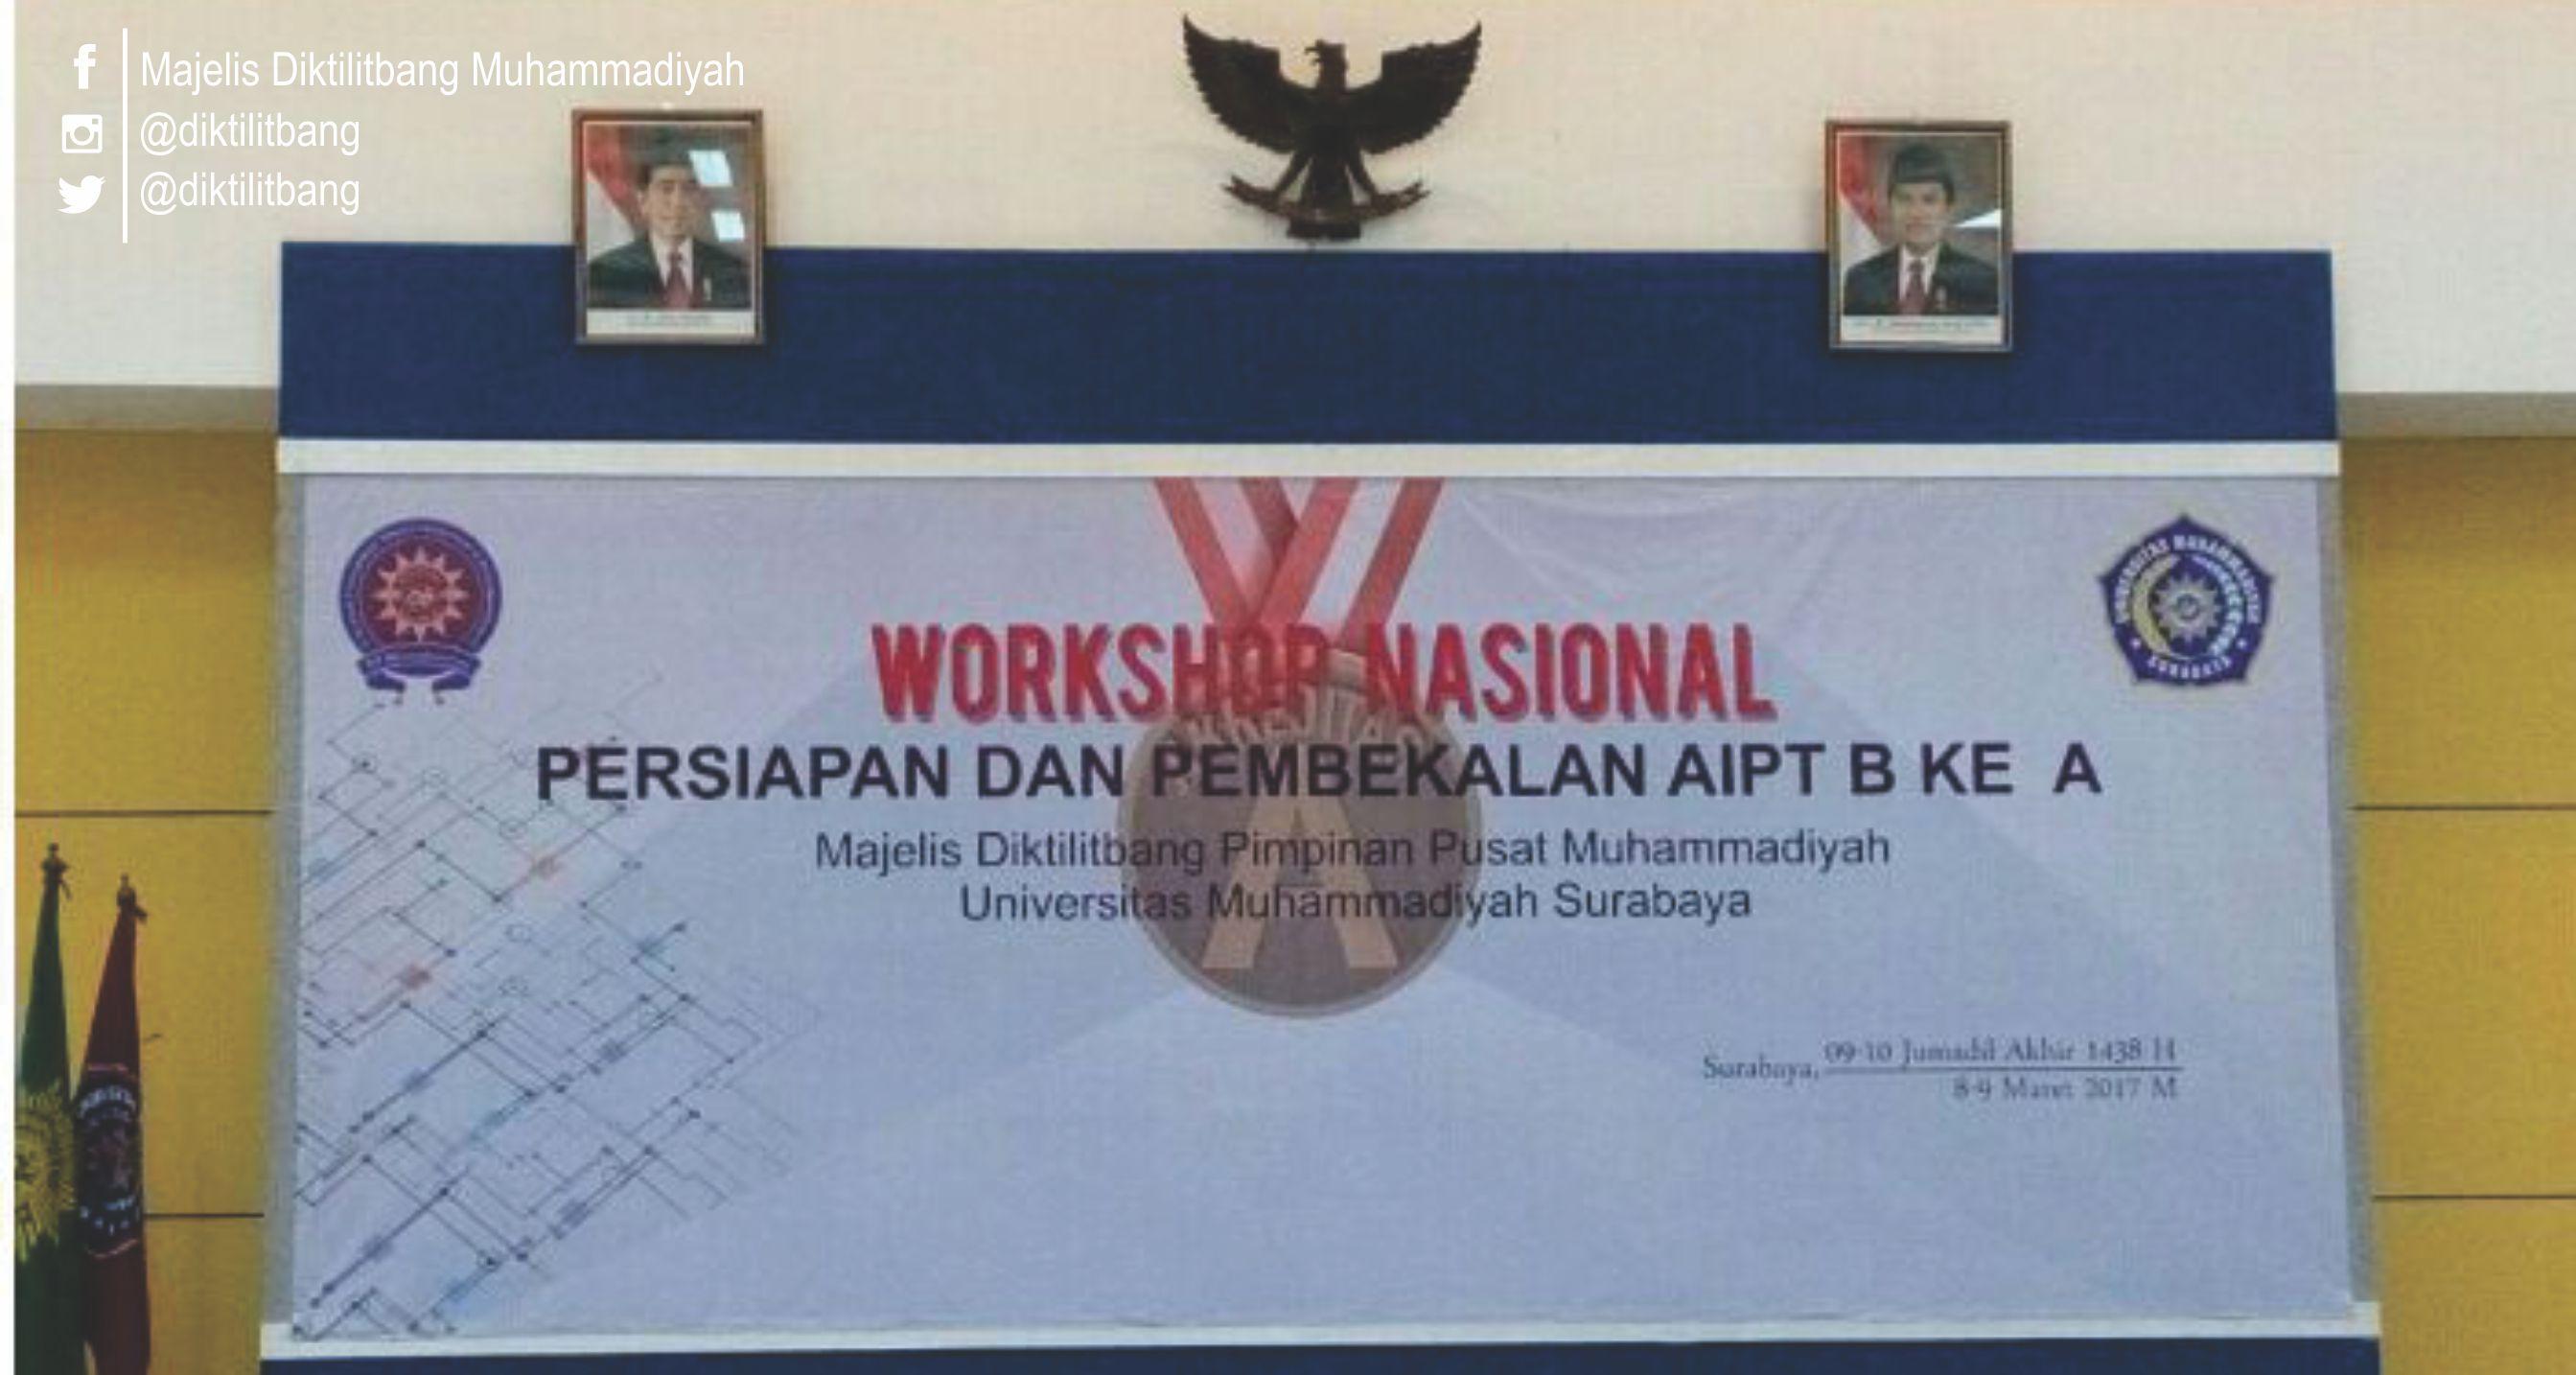 Um Purwokerto Selenggarakan Kegiatan Achievement Motivational Umpurwokerto Tingkatkan Akreditasi Perguruan Tinggi Muhammadiyah Dari B Ke A Majelis Diktilitbang Kembali Gelar Workshop Di Surabaya